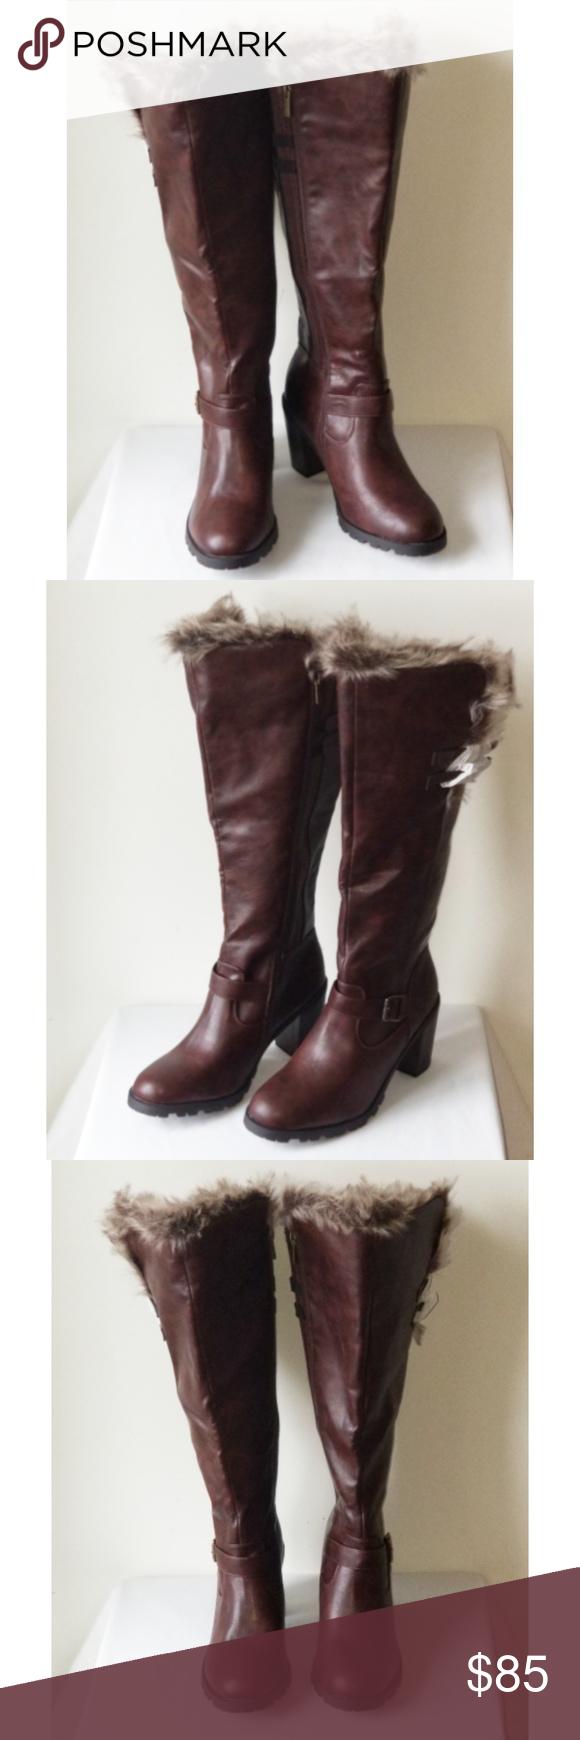 b43be454bab Ashley Stewart Chunky Fur Lined Tall Boot size 12W Ashley Stewart ...